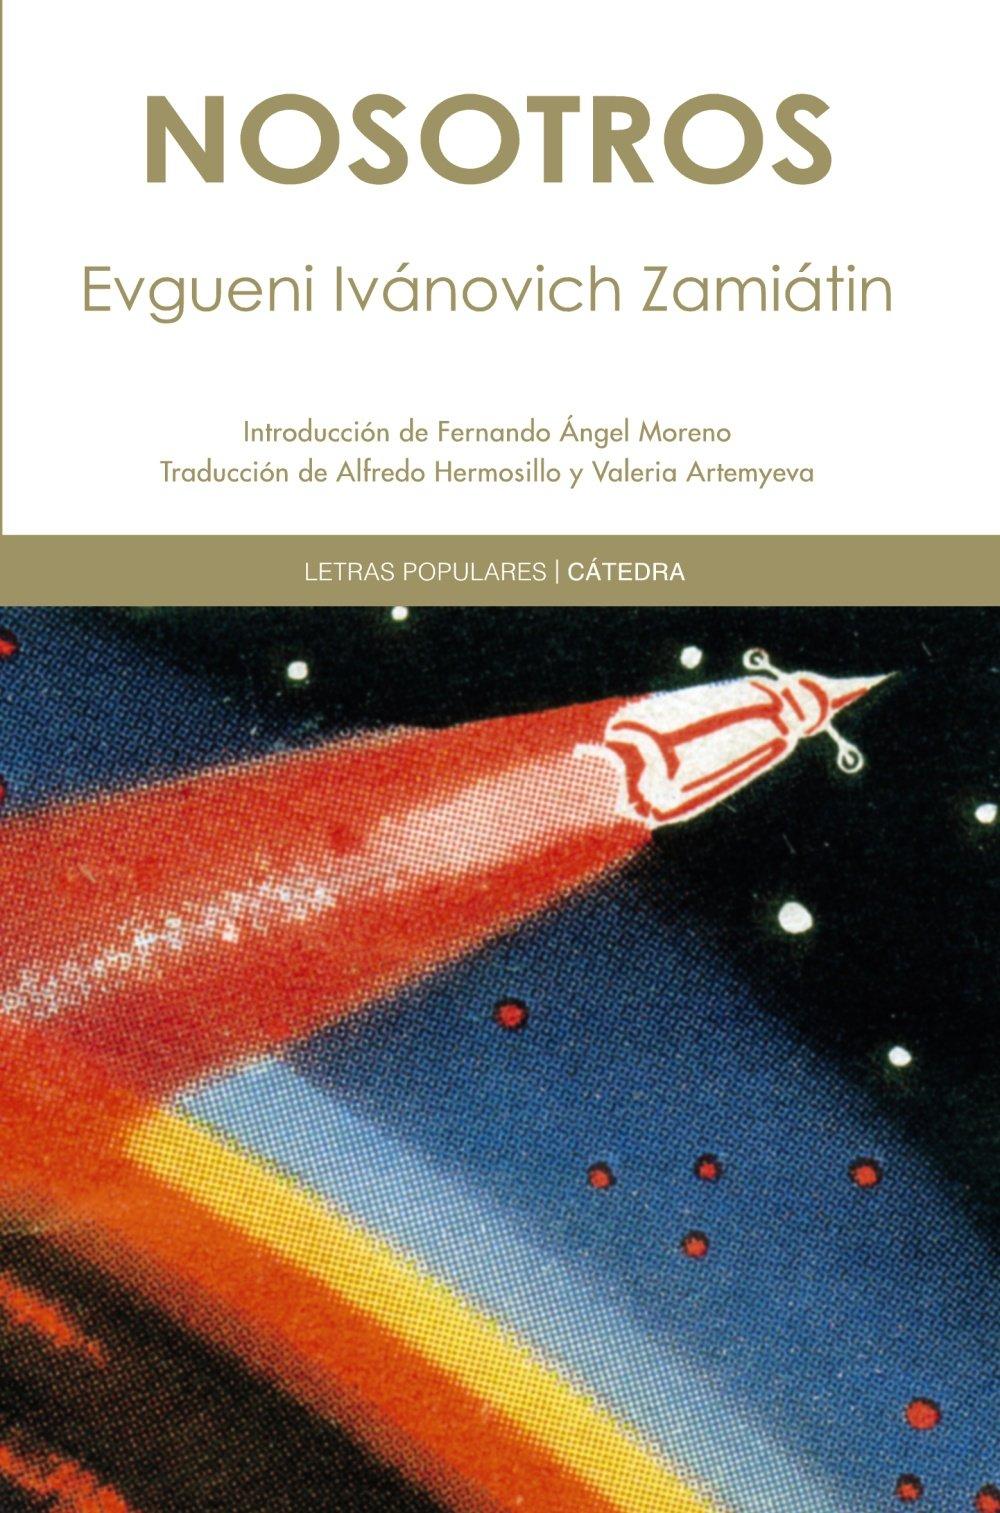 Nosotros (Letras Populares): Amazon.es: Zamiátin, Evgueni Ivánovich: Libros